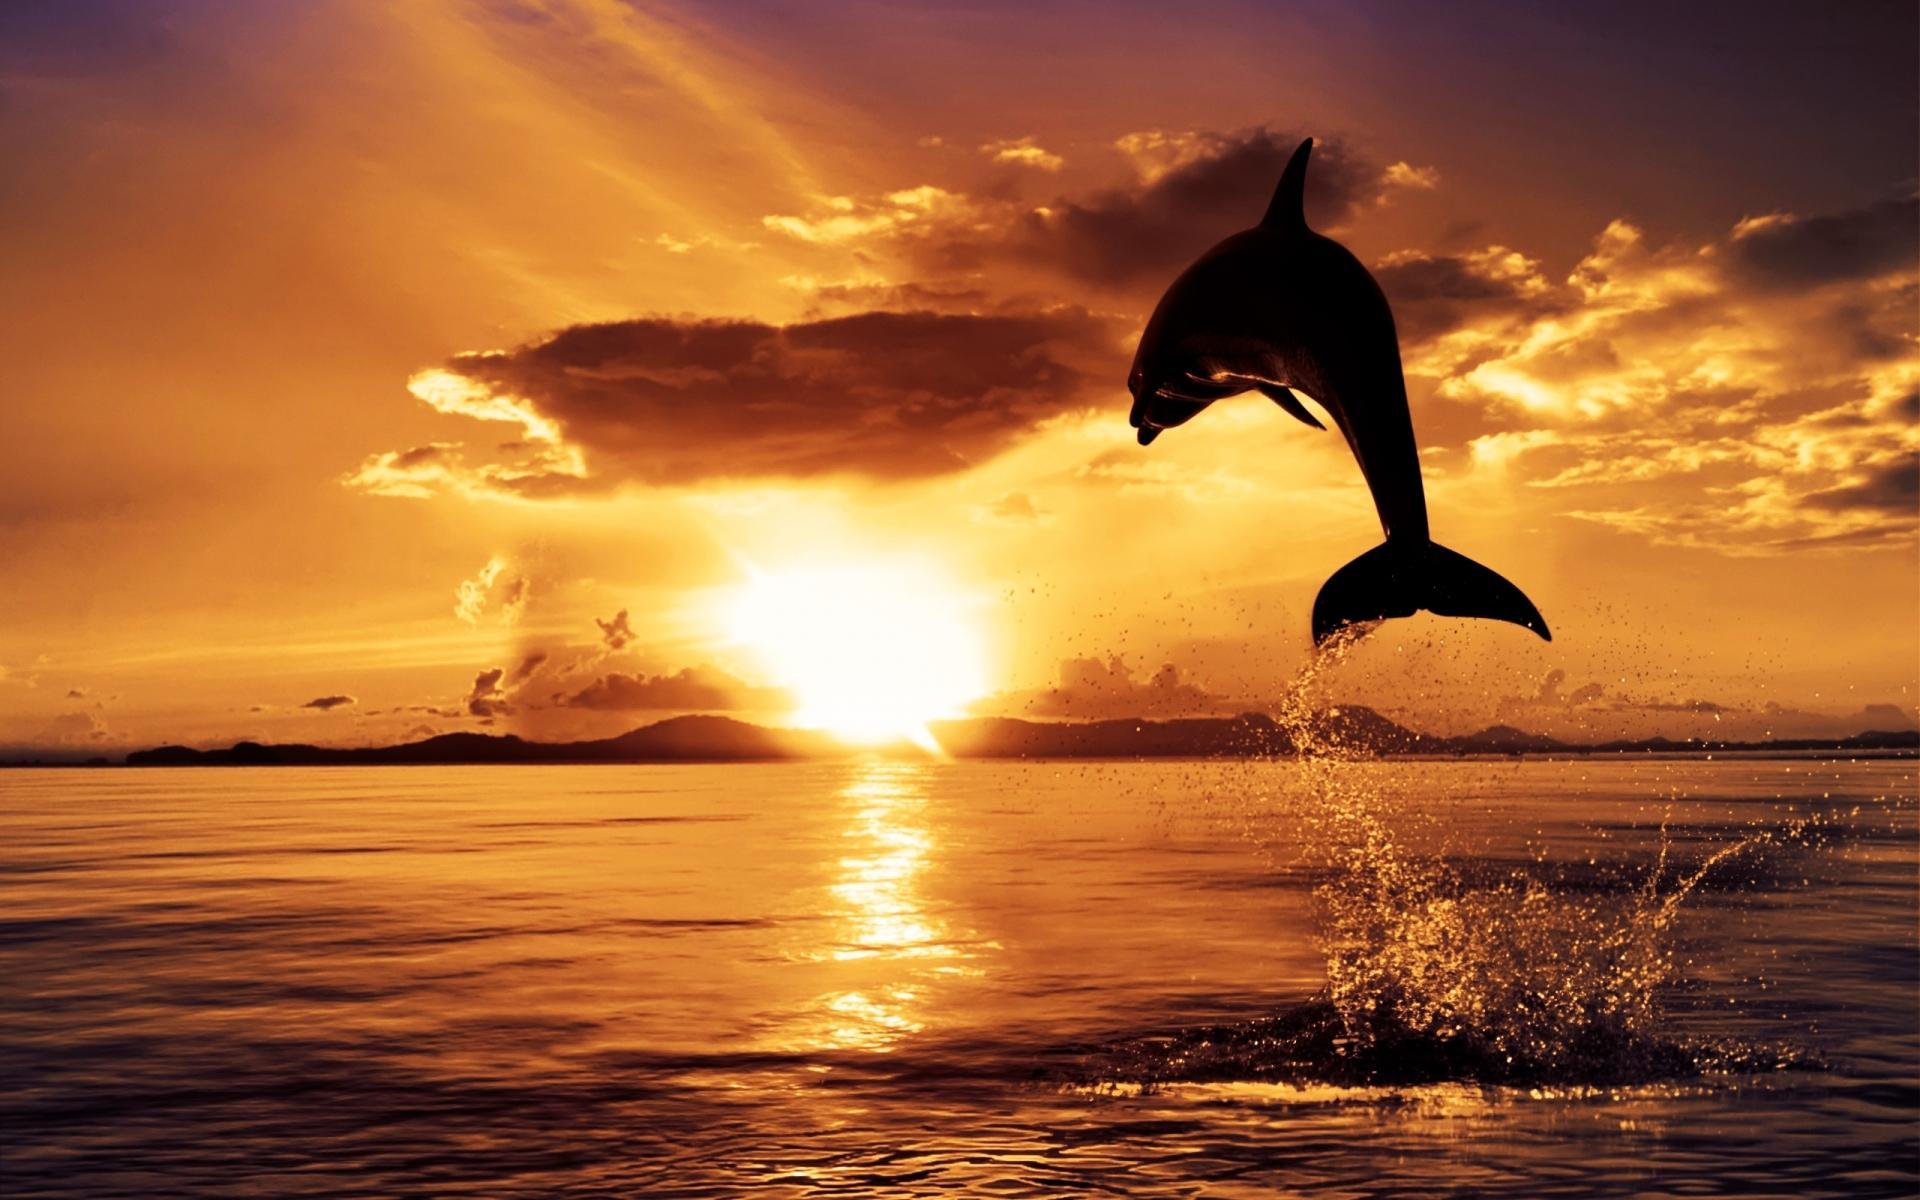 Обои для рабочего стола, скачать, море, дельфин выпрыгнул из воды